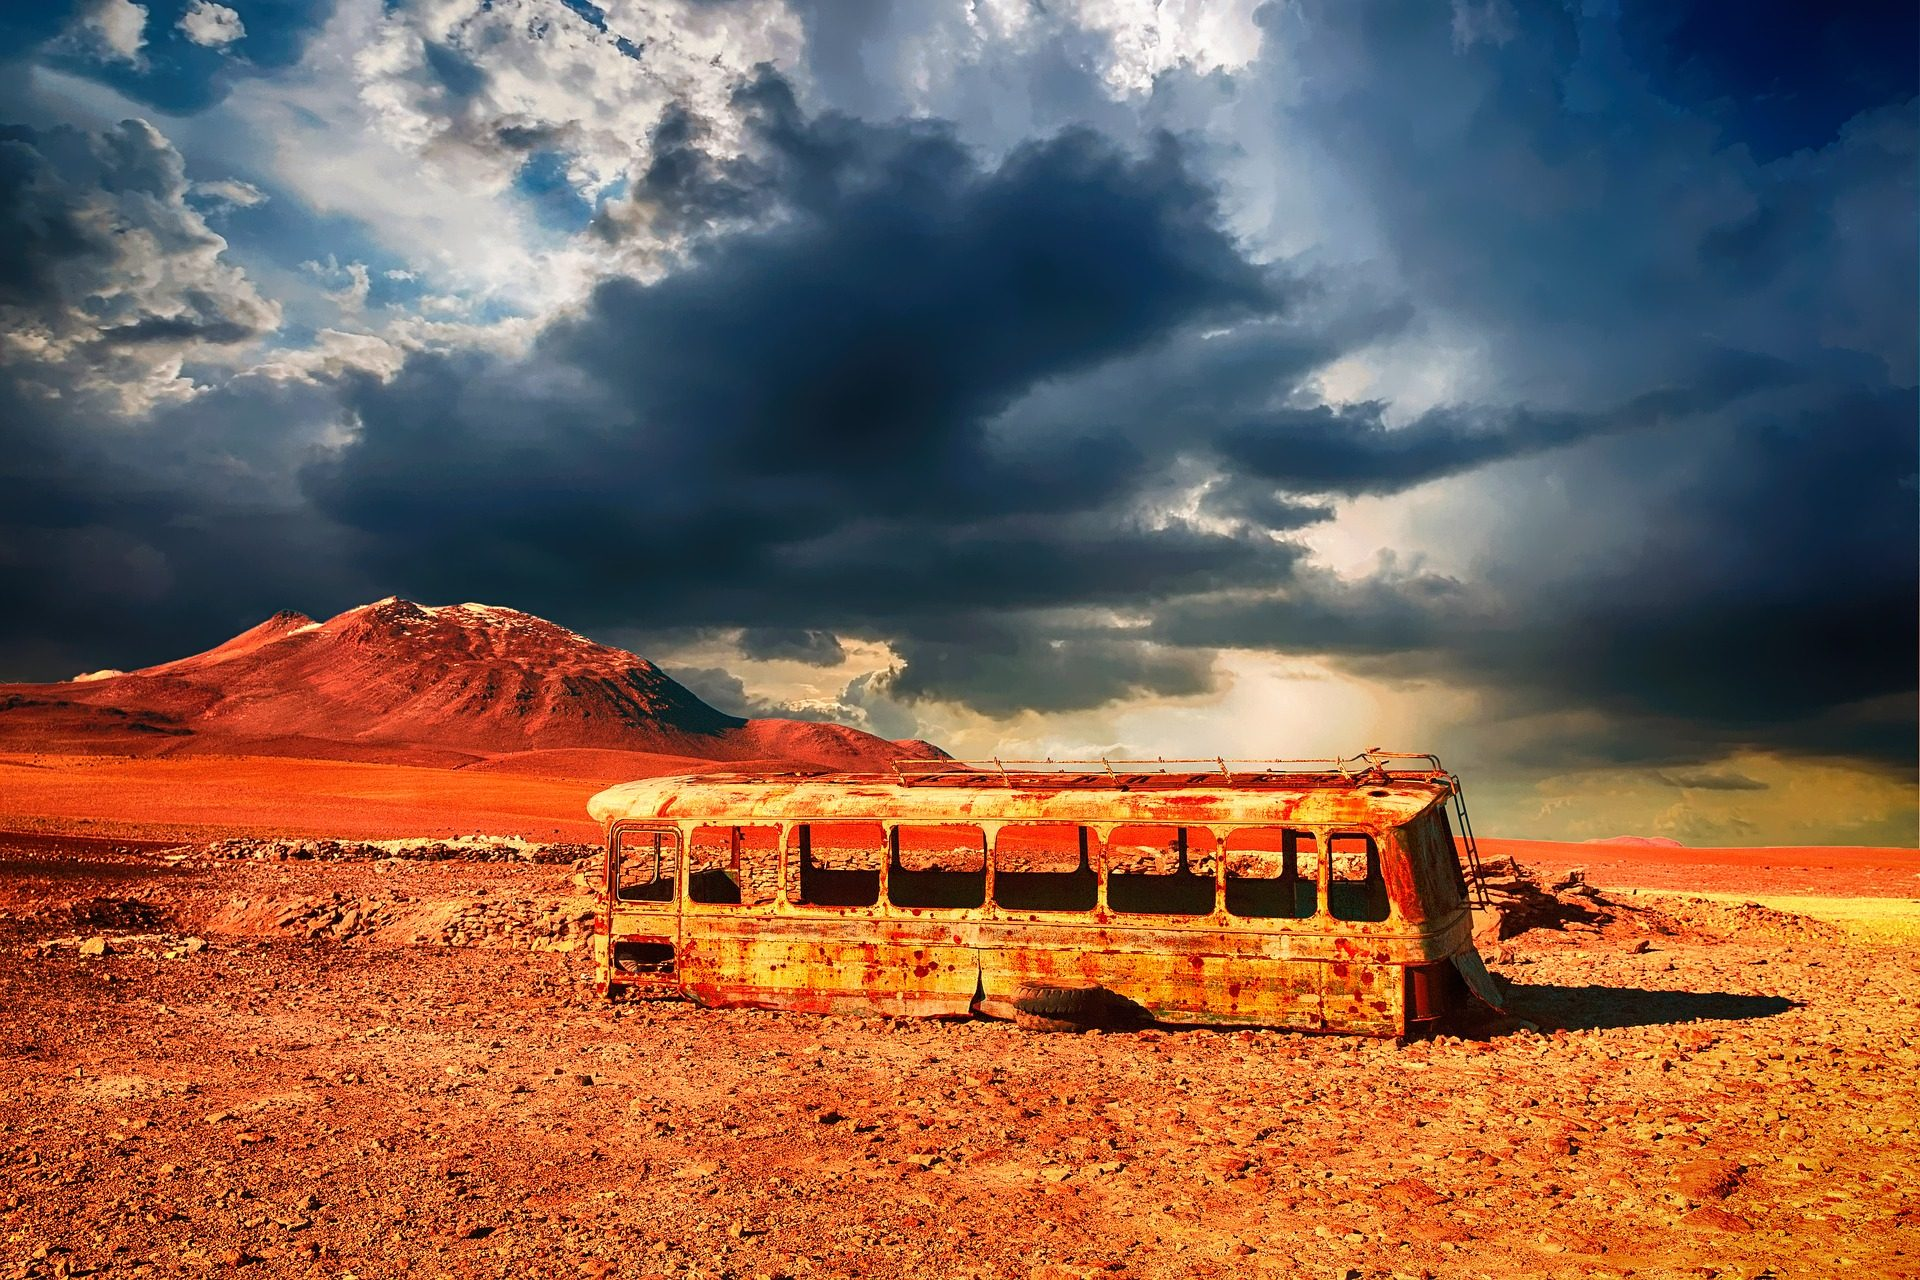 حافلة, التخلي عن, القديمة, صحراء, فقدت - خلفيات عالية الدقة - أستاذ falken.com